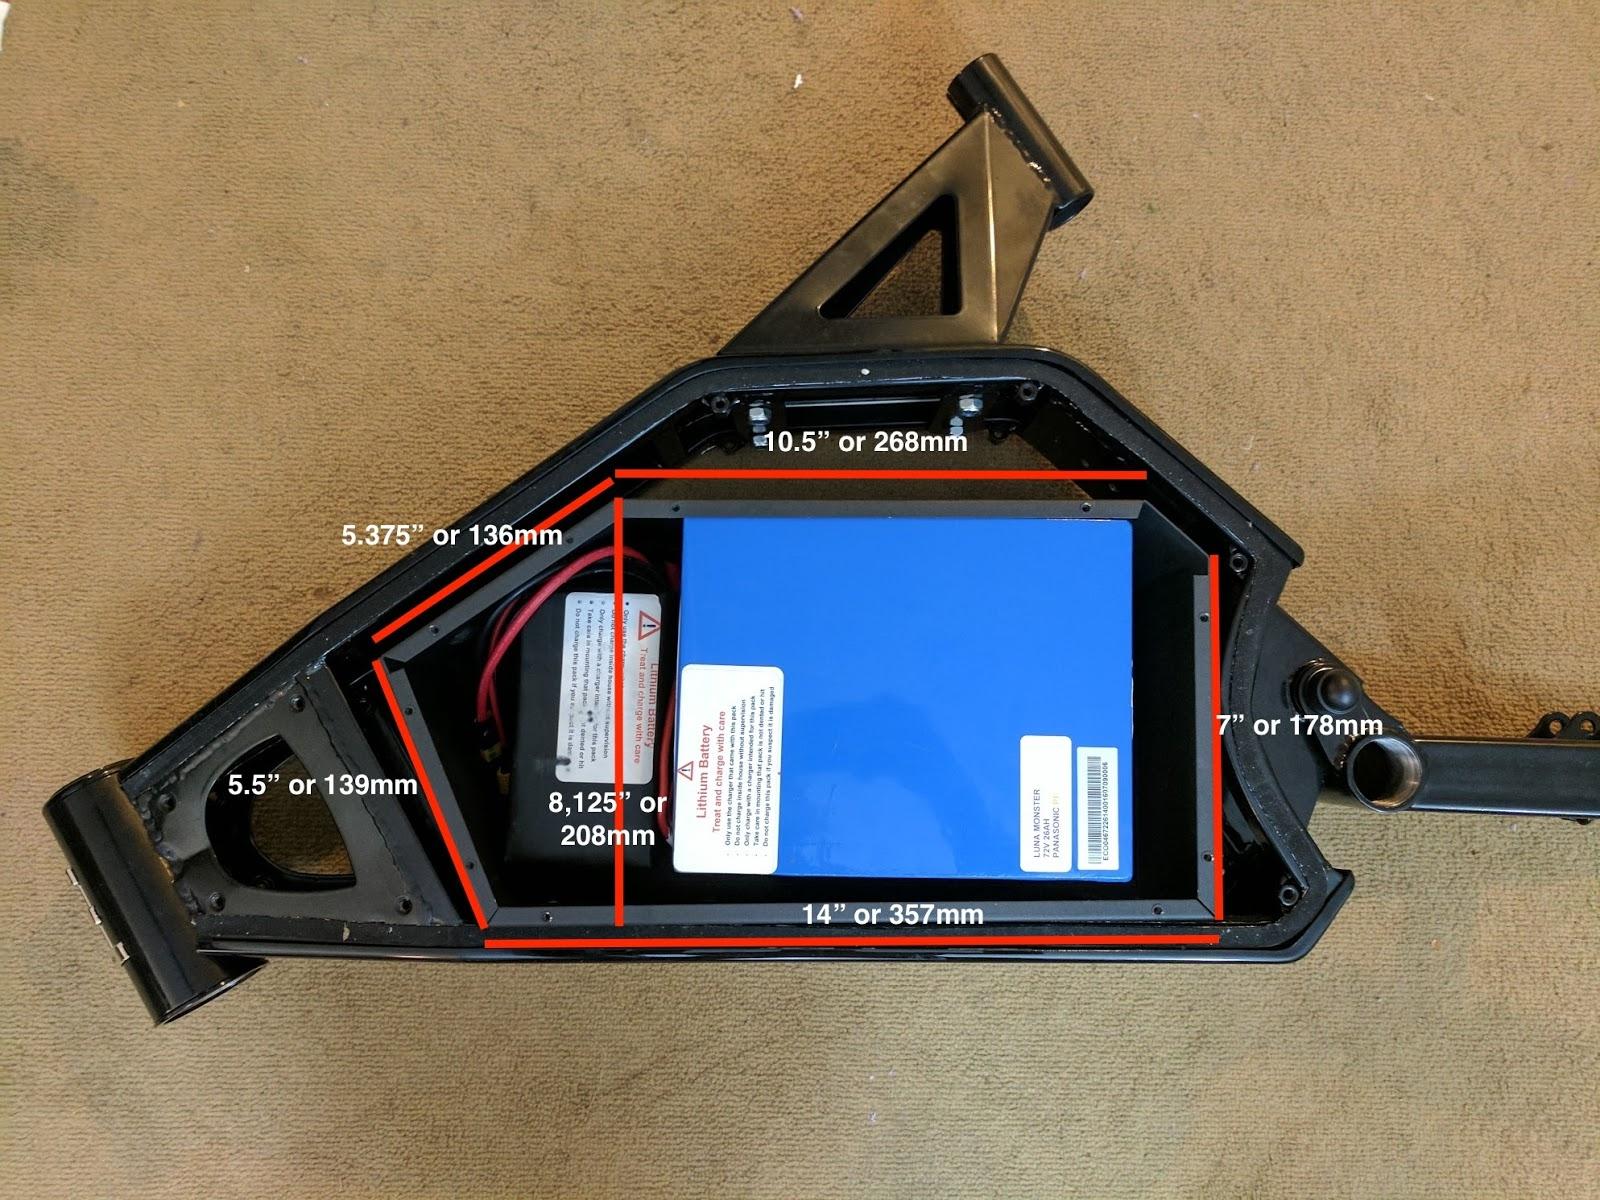 enduro ebike frame documentation - Ebike Frame